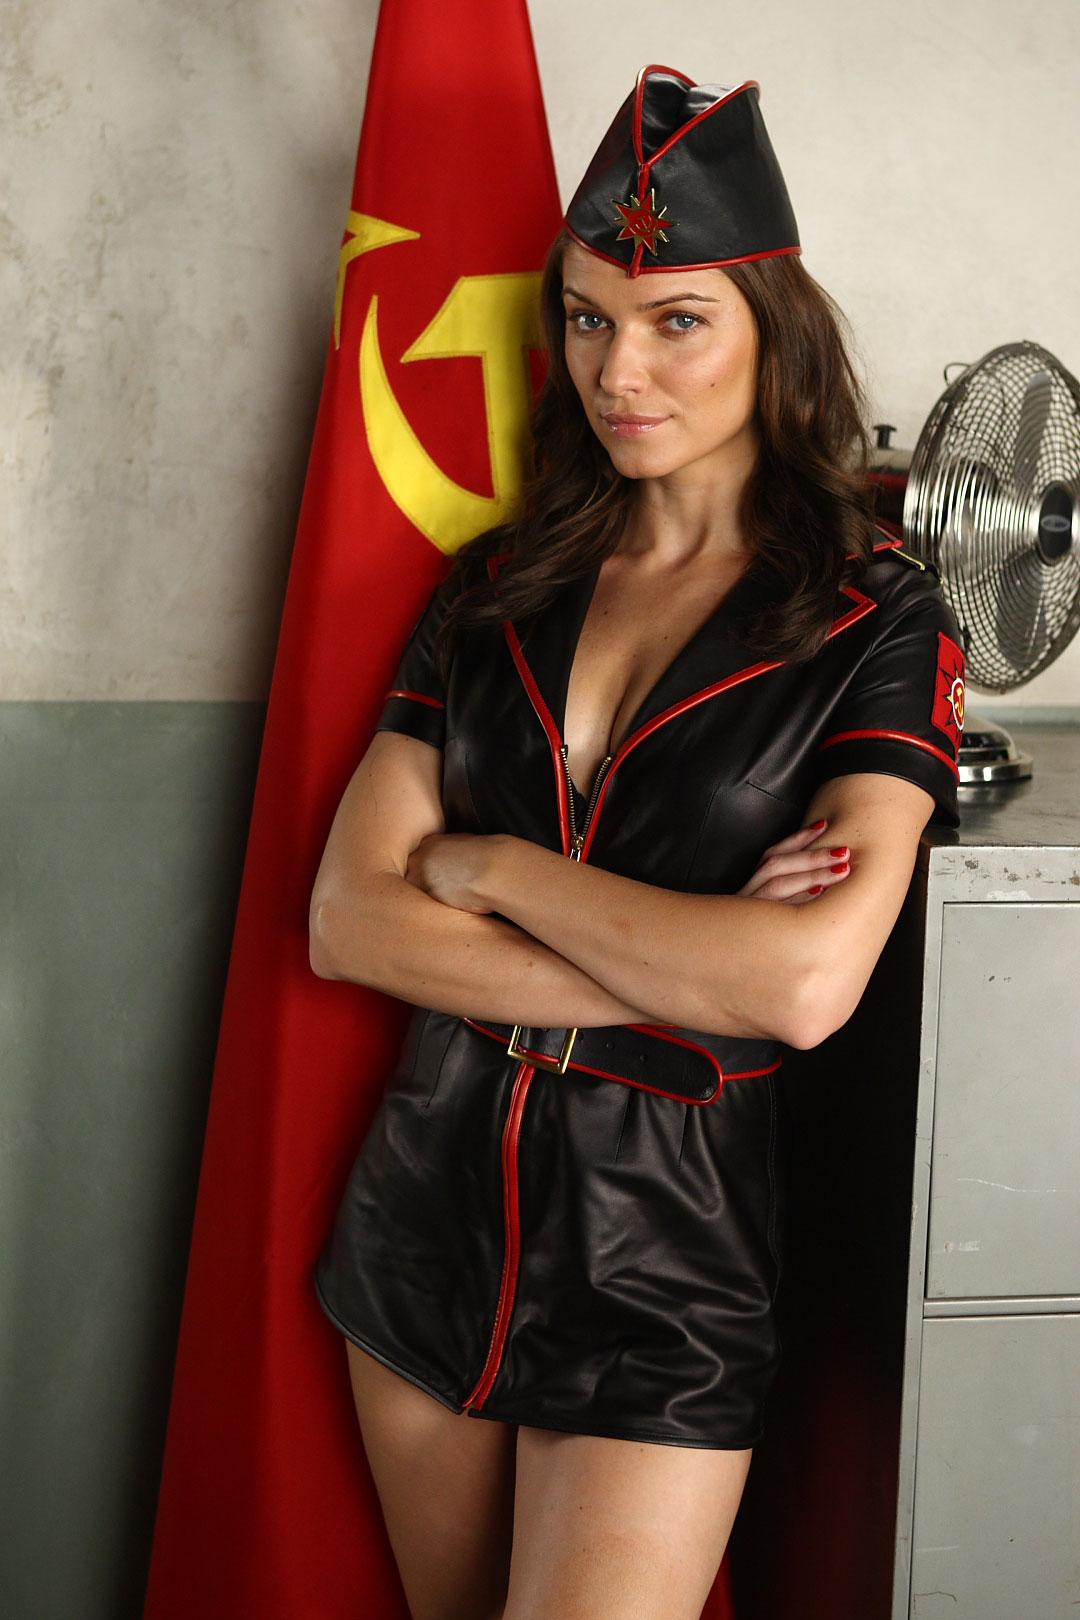 Mujeres protestan desnudas en Ucrania contra influencia de R